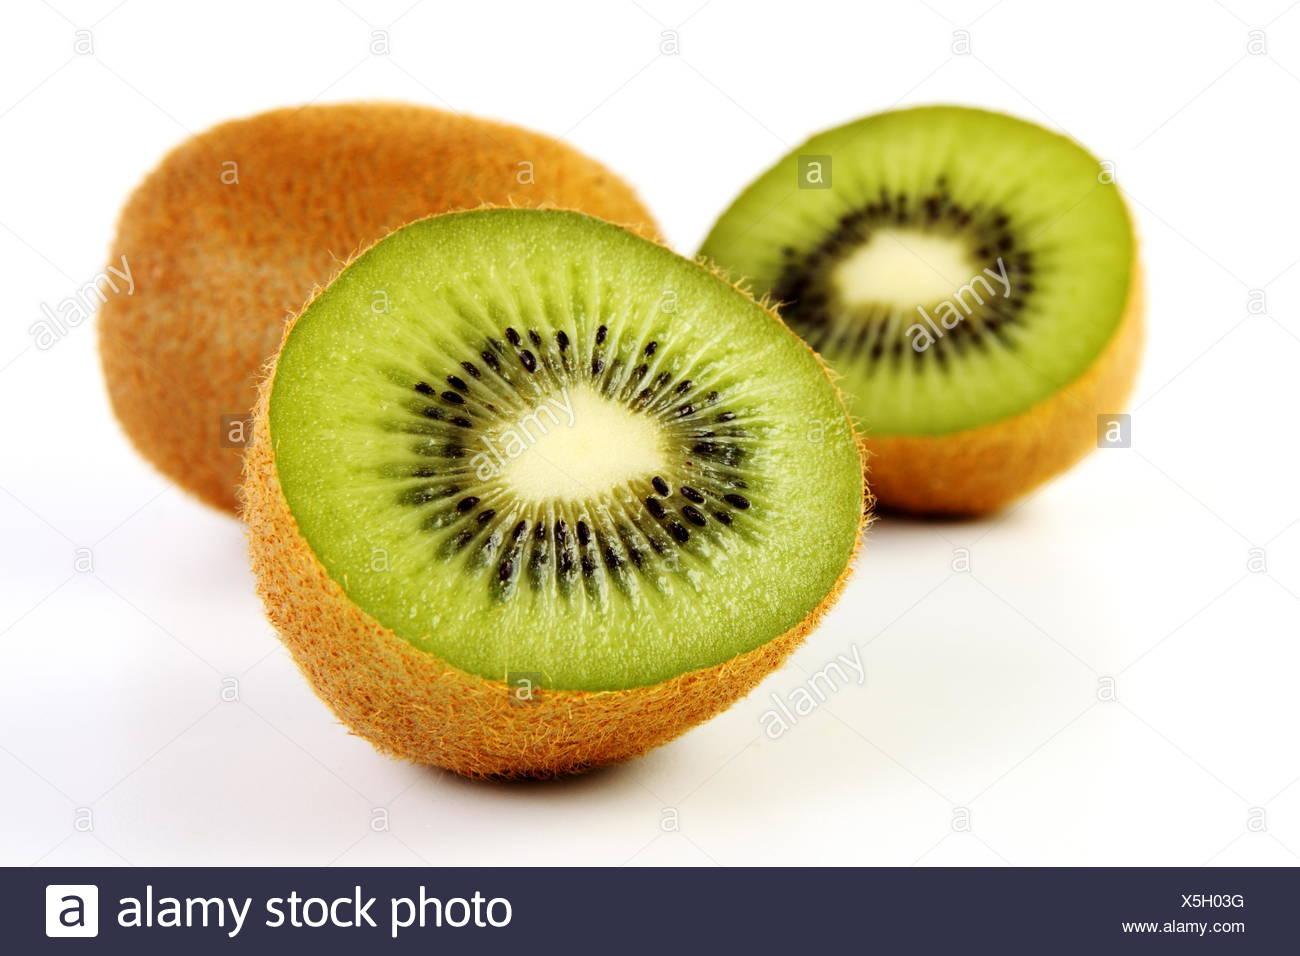 isolated optional fruit half halved food aliment health vitamins vitamines Stock Photo